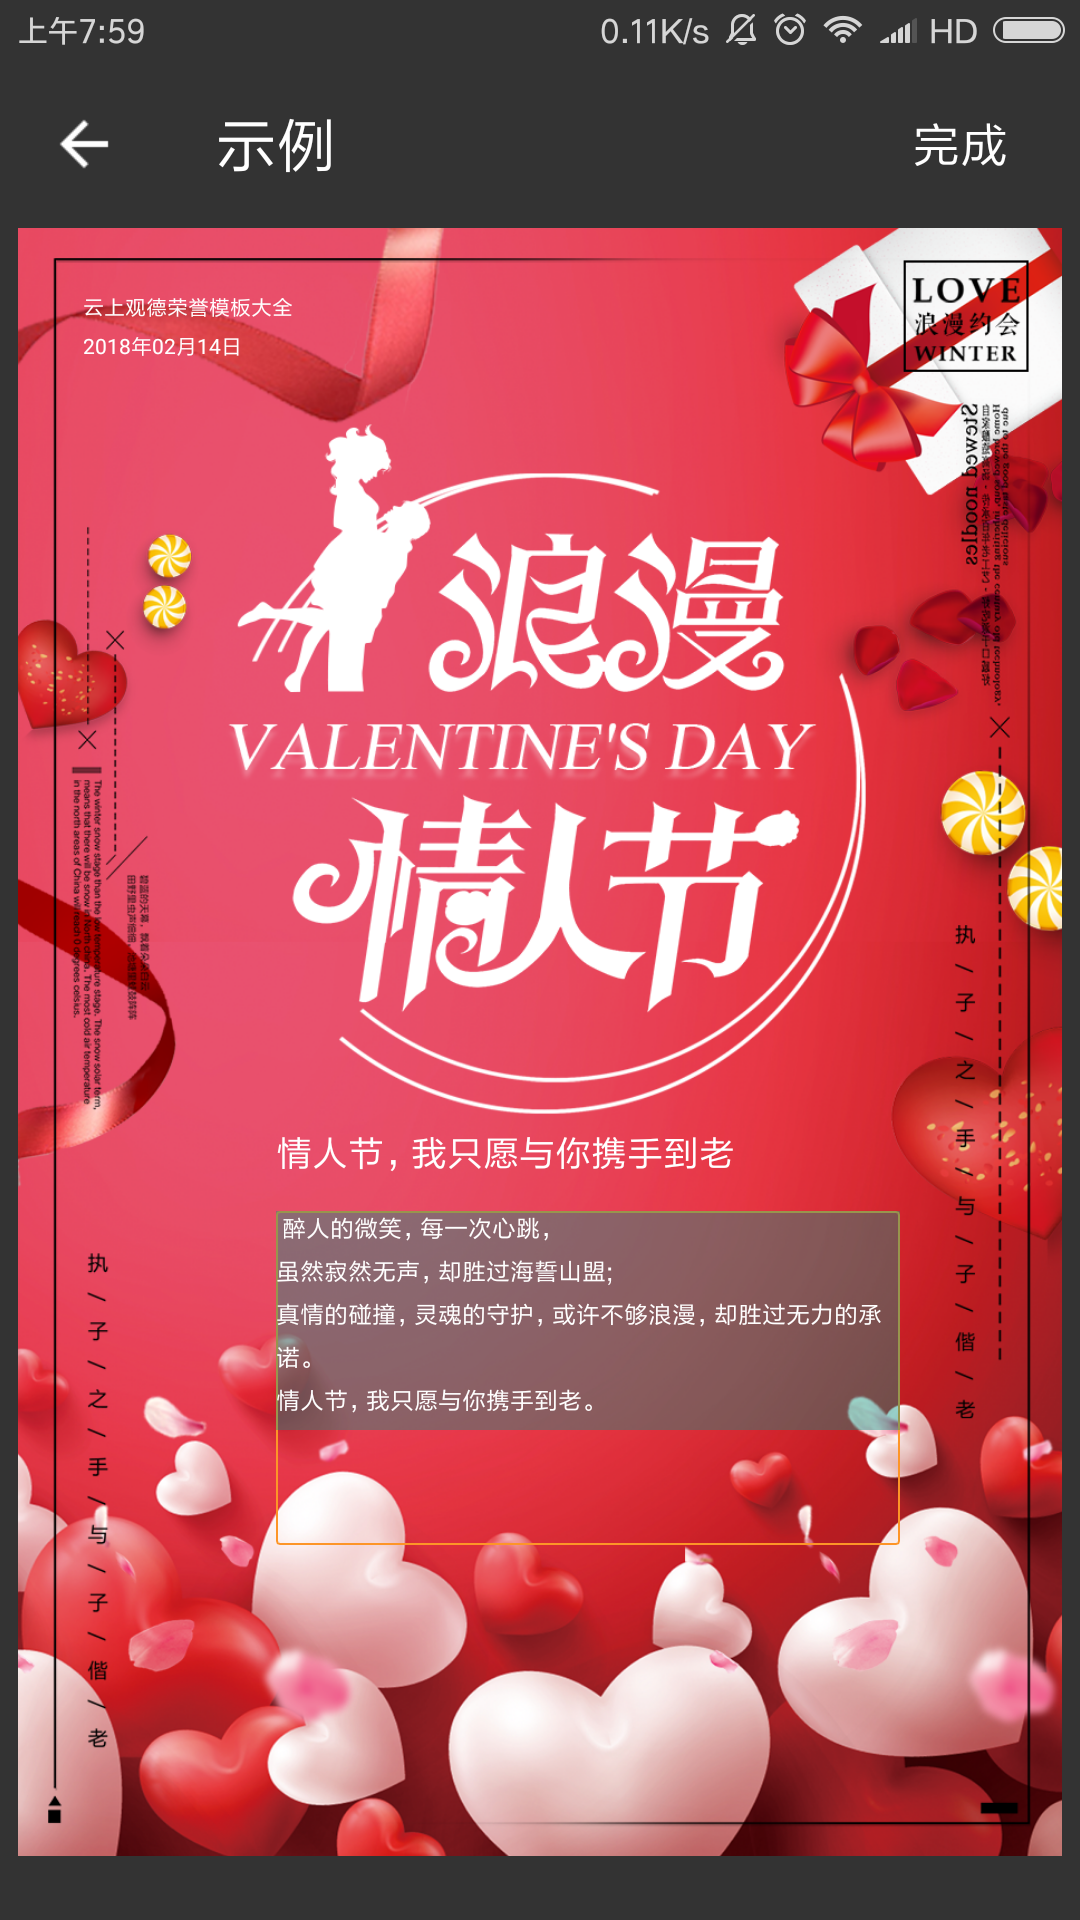 2018年情人节祝福语电子贺卡大全,不看对不起情人